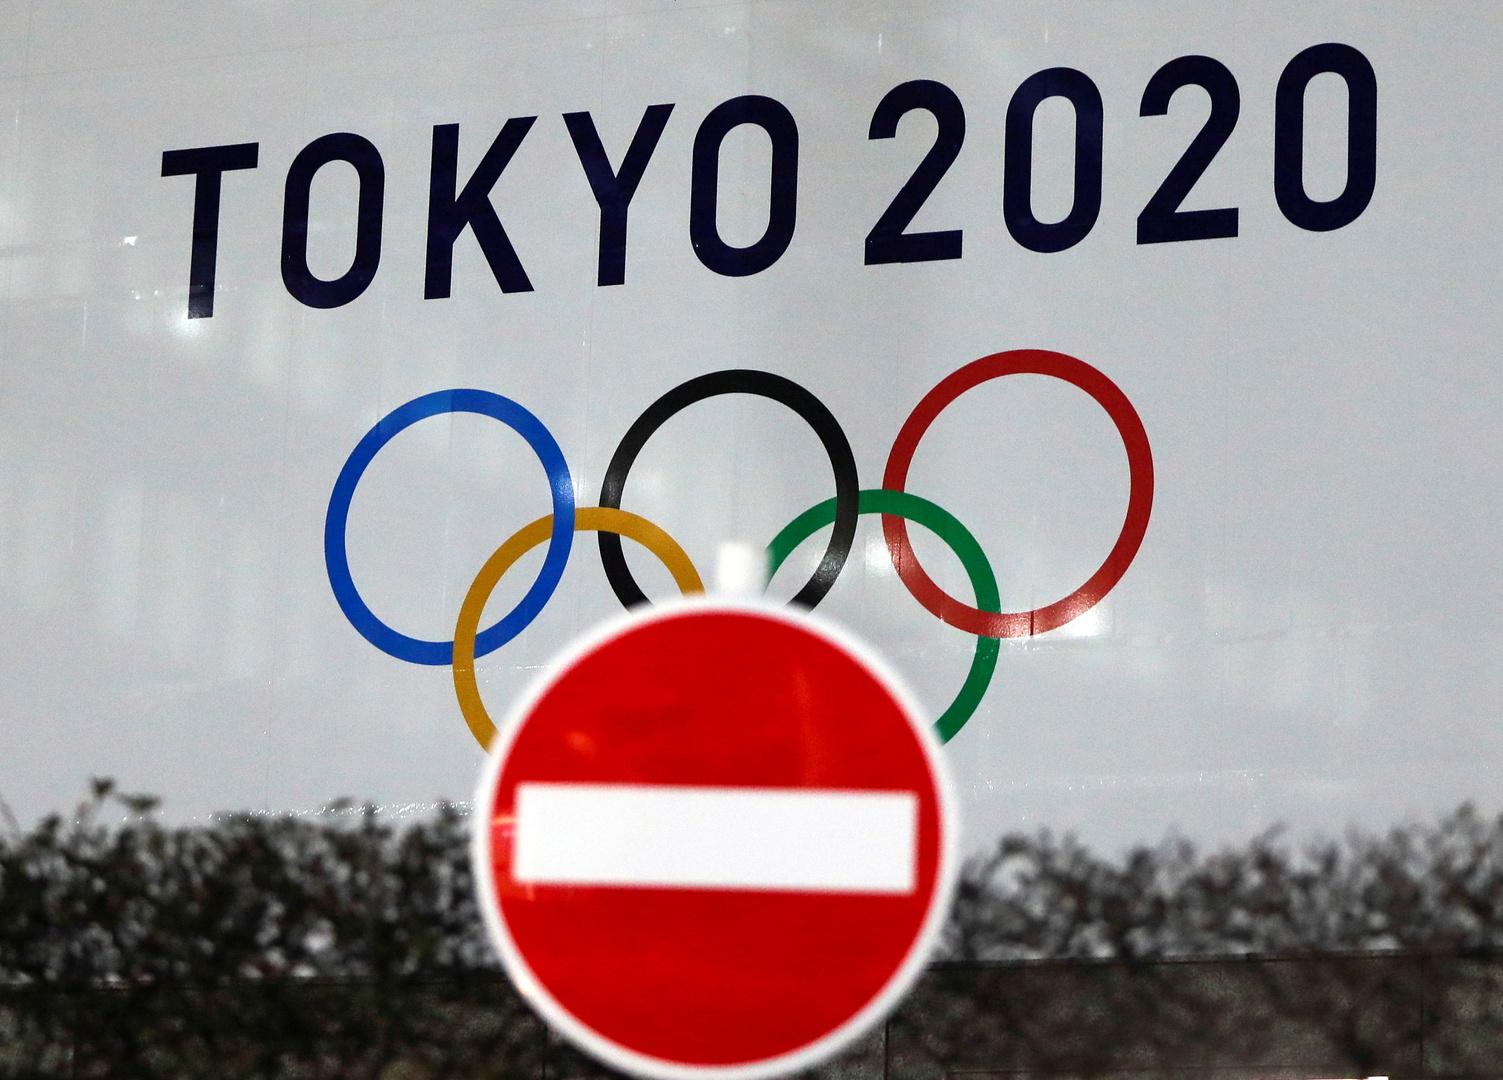 كوريا الشمالية تتهم اليابان باستغلال الأولمبياد للسطو على جزر